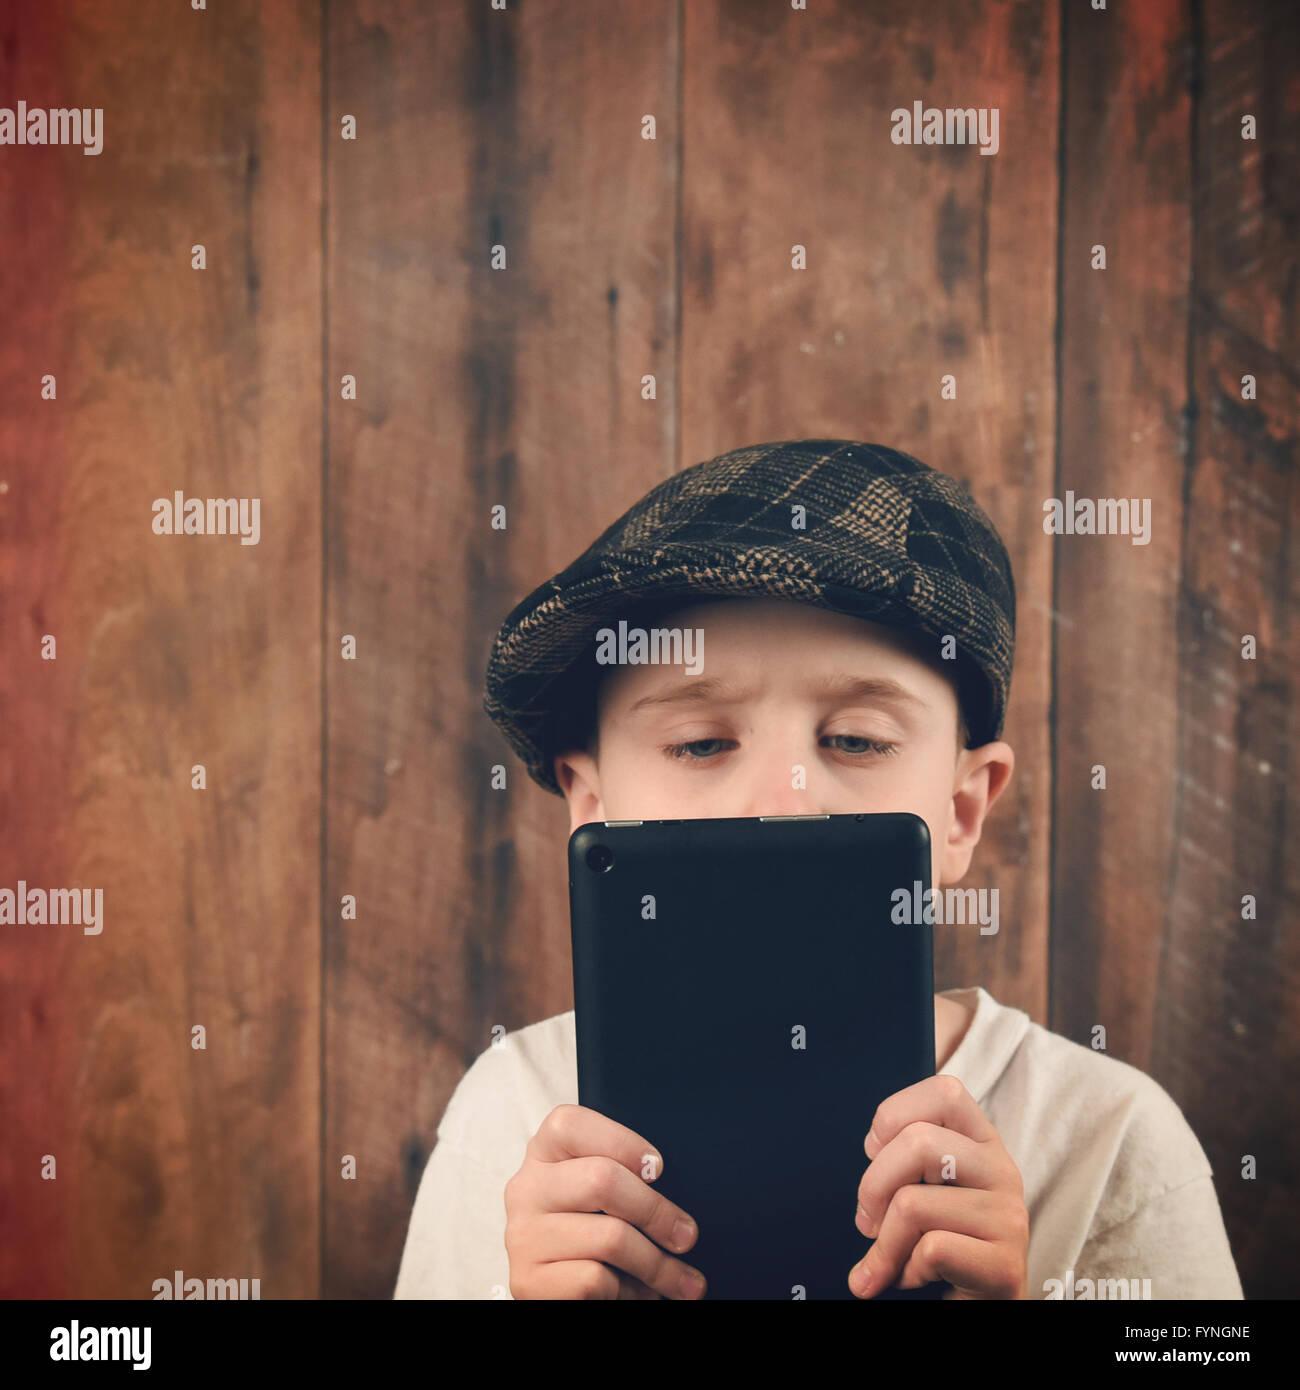 Ein Junge hält einen Technologie-Tablet und einen Bildschirm lesen. Die Chikld trägt eine Vintage Mütze mit Holz Stockfoto